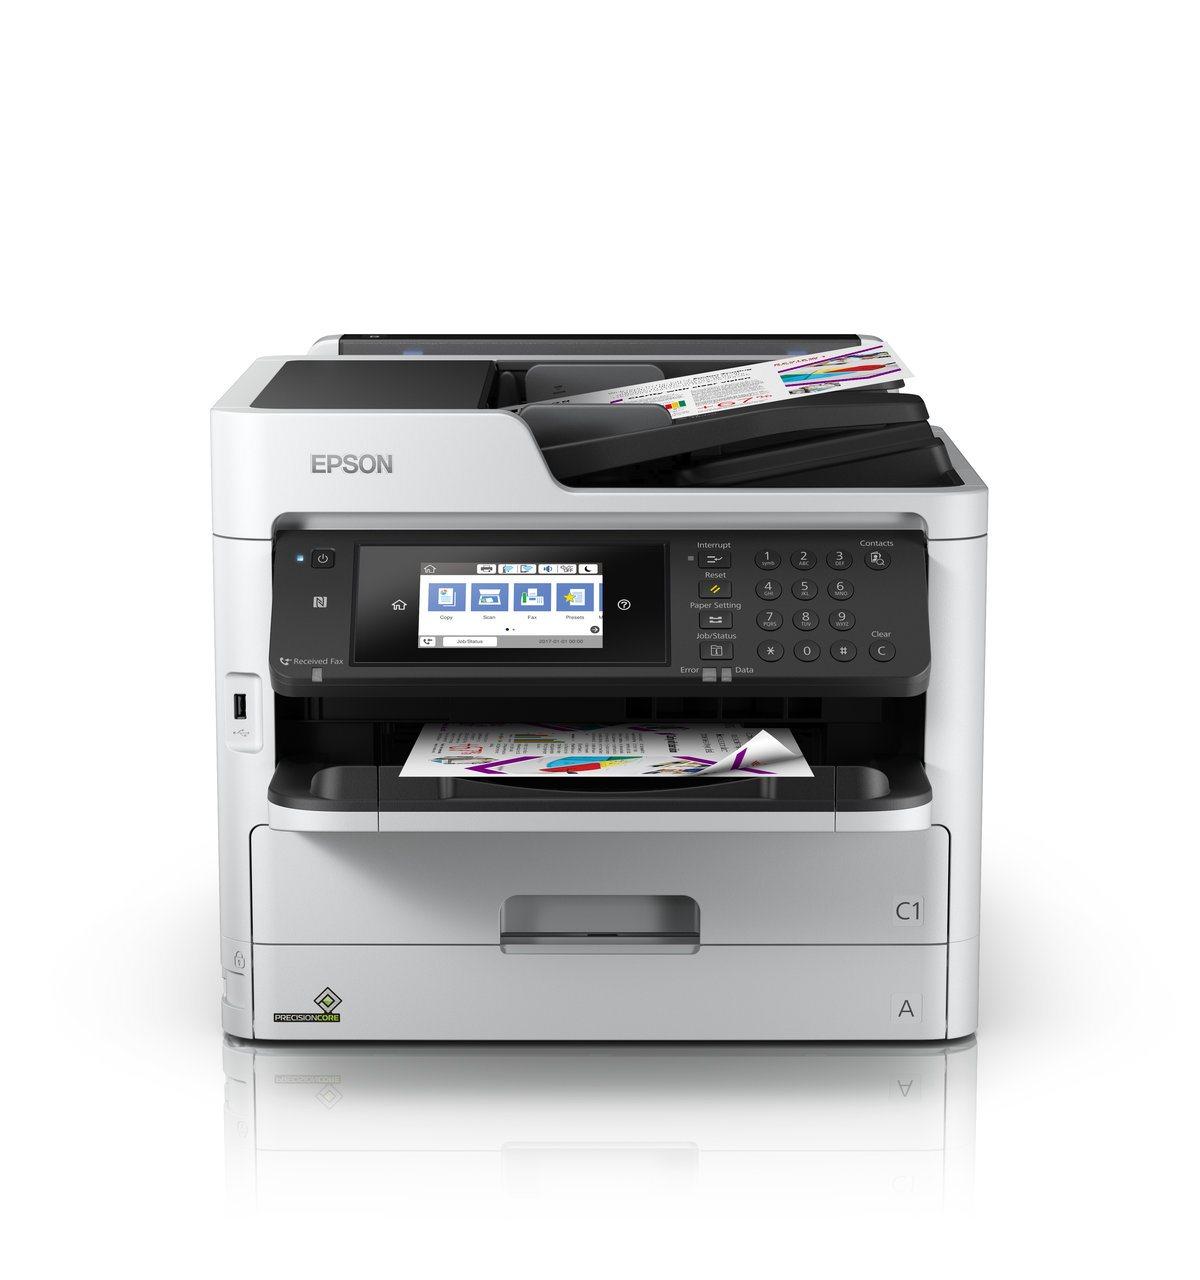 EPSON tiskárna ink WorkForce Pro WF-C5790DWF A4, 34ppm, 1200x4800, CIS, USB, NET, WIFI, NFC, DUPLEX, 4in1 MULTIFUNKCE)